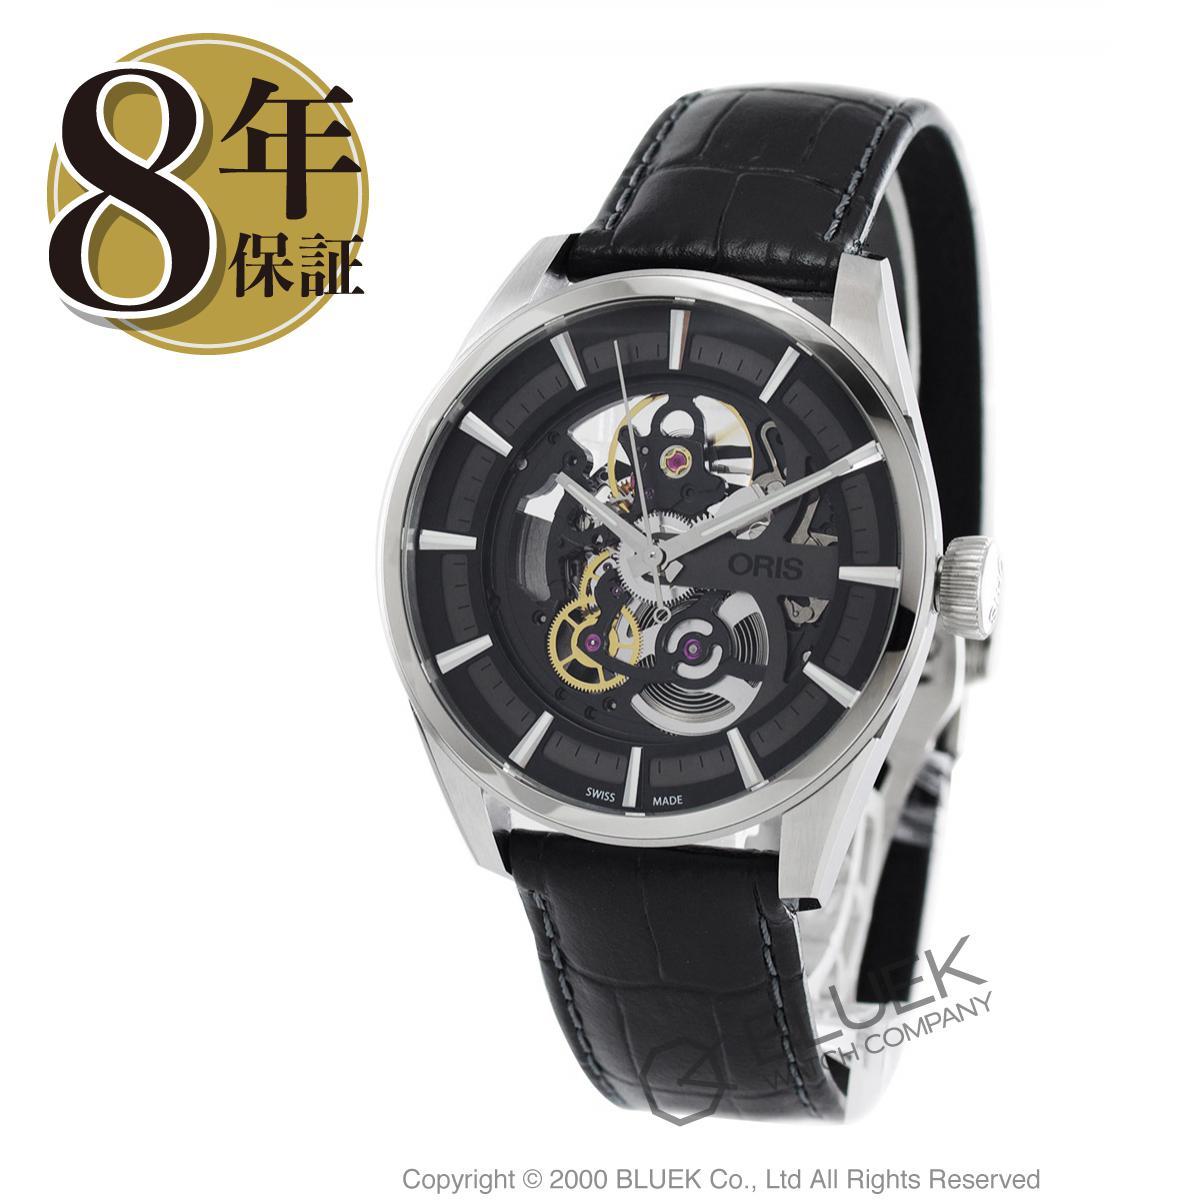 オリス ORIS 腕時計 アーティックス スケルトン メンズ 734 7714 4054D_8